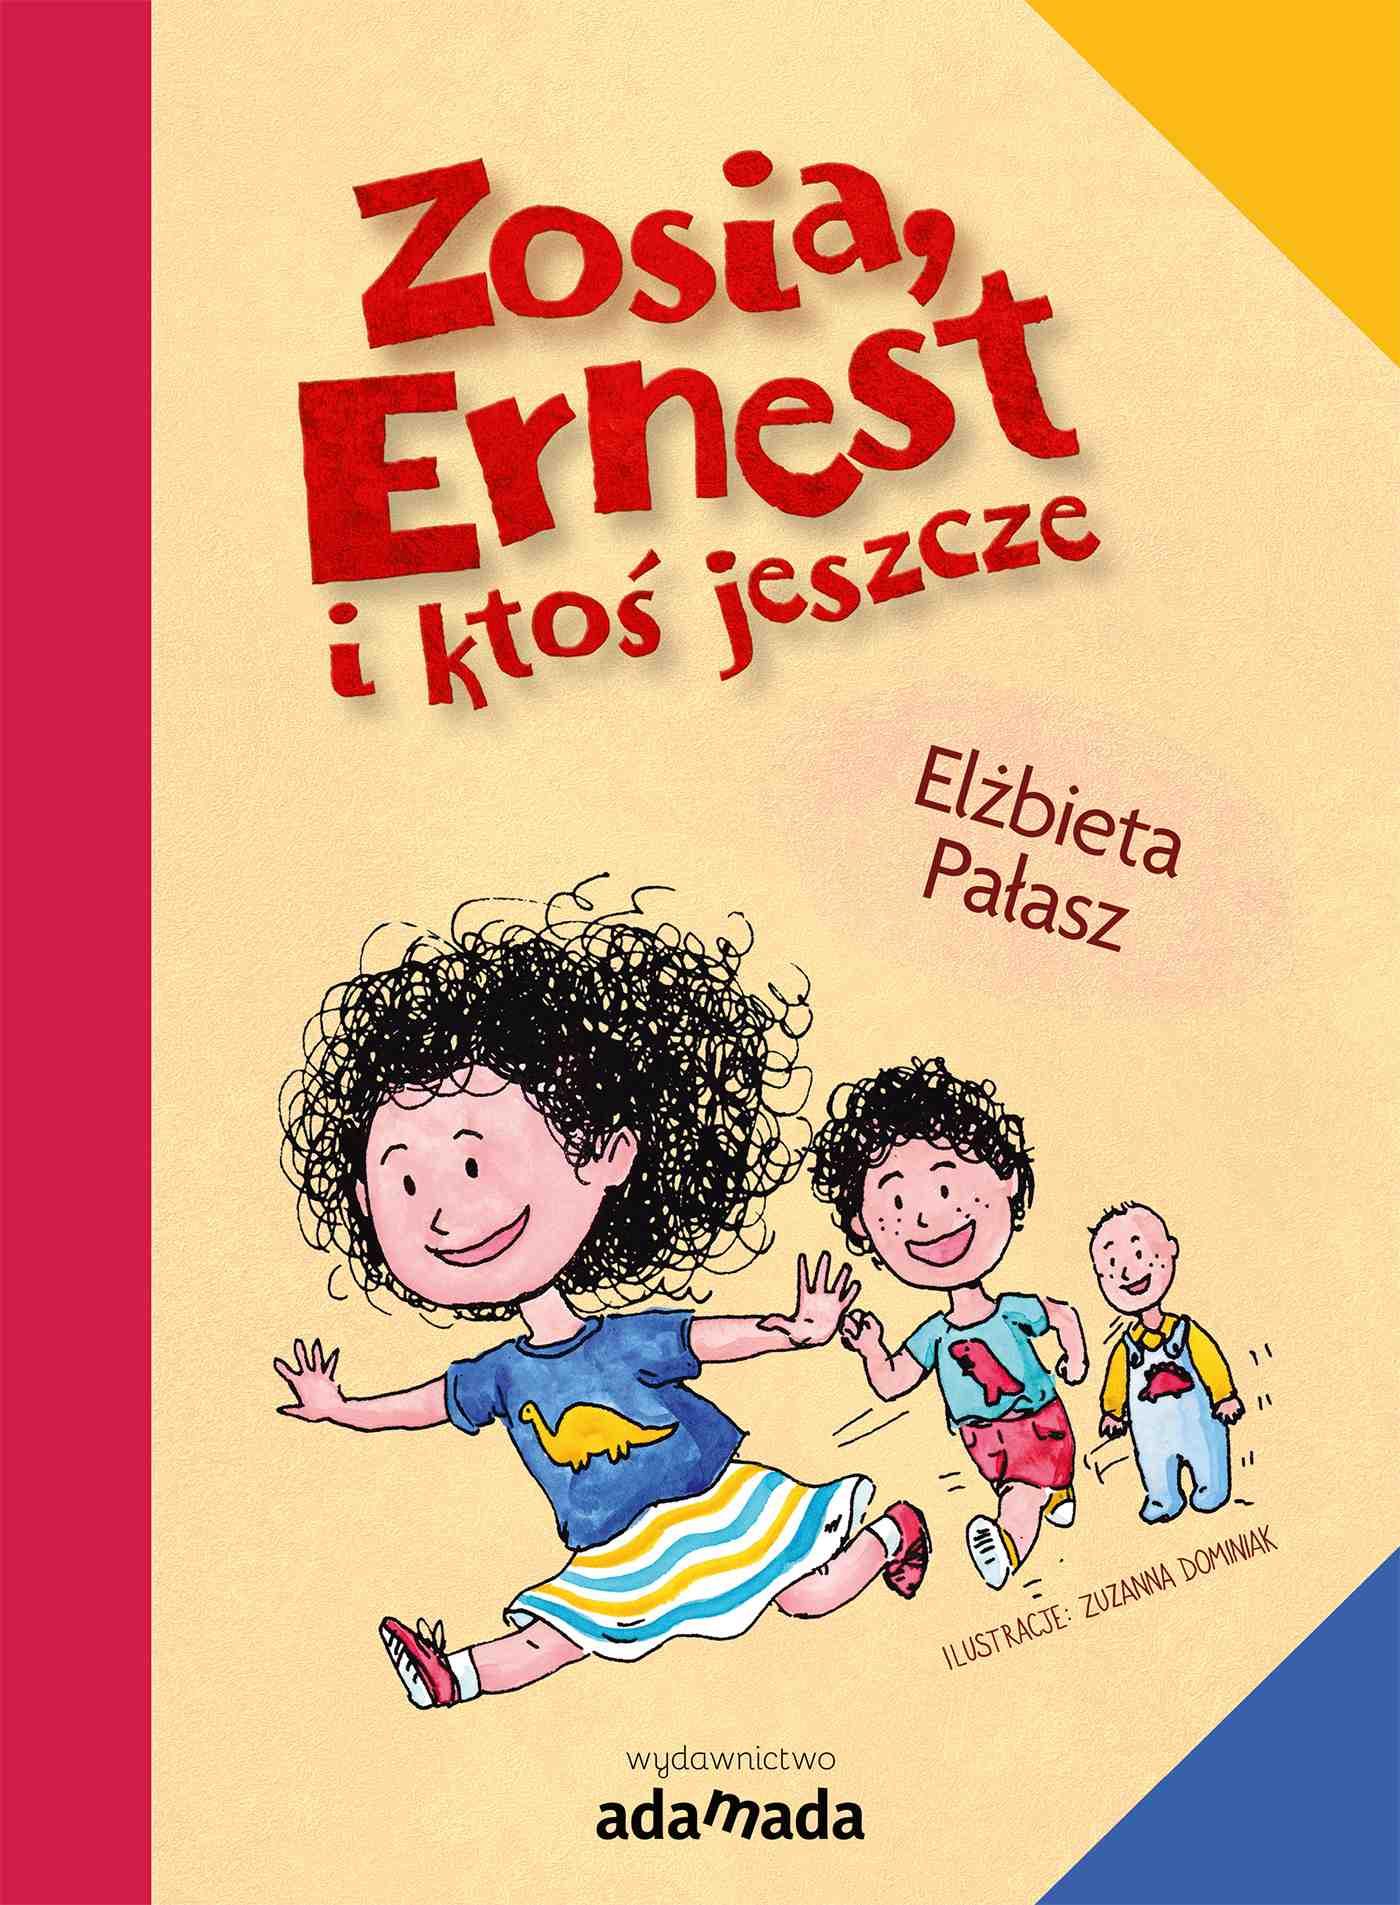 Zosia, Ernest i ktoś jeszcze - Ebook (Książka na Kindle) do pobrania w formacie MOBI